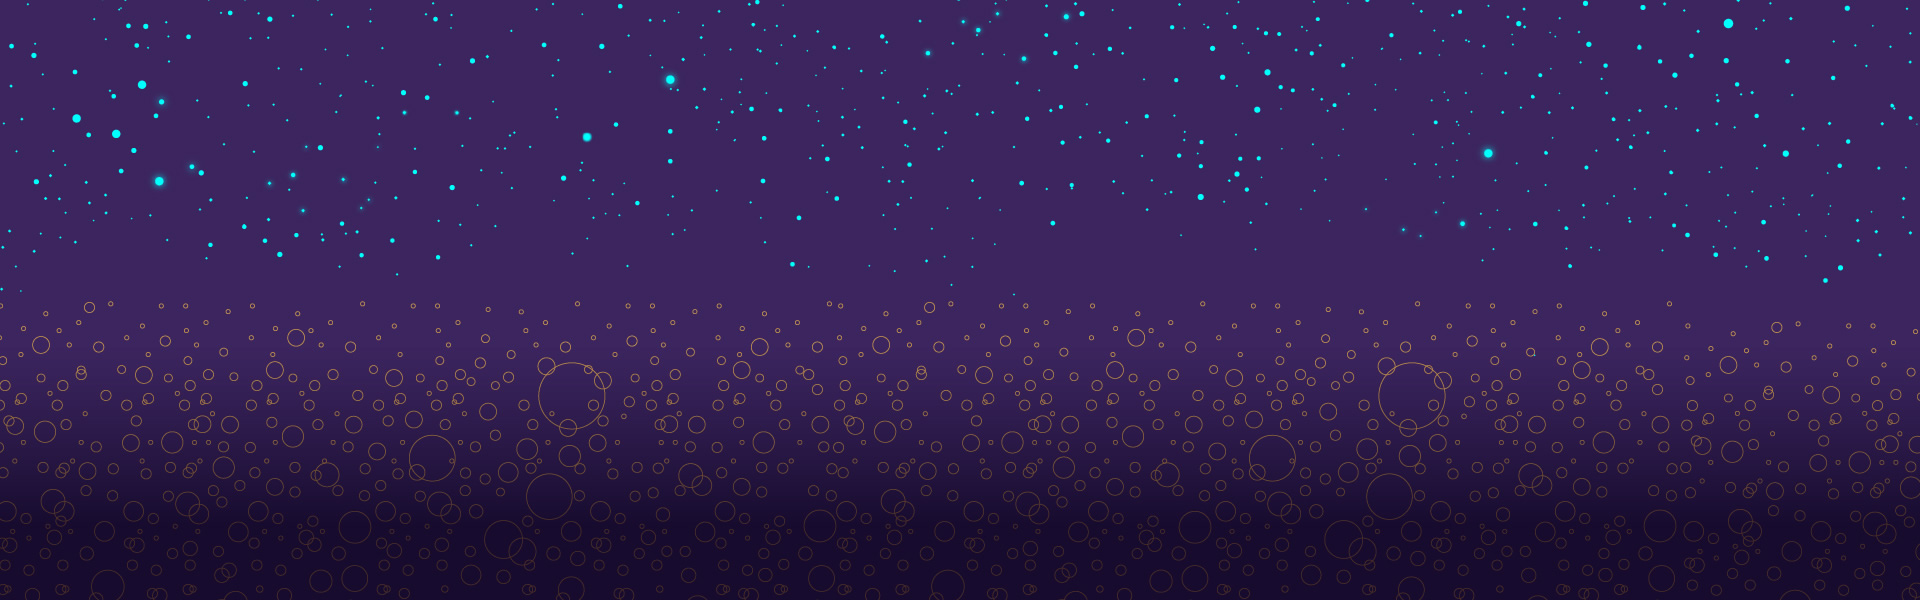 Estrellas-Burbujas-v3-bckg-02